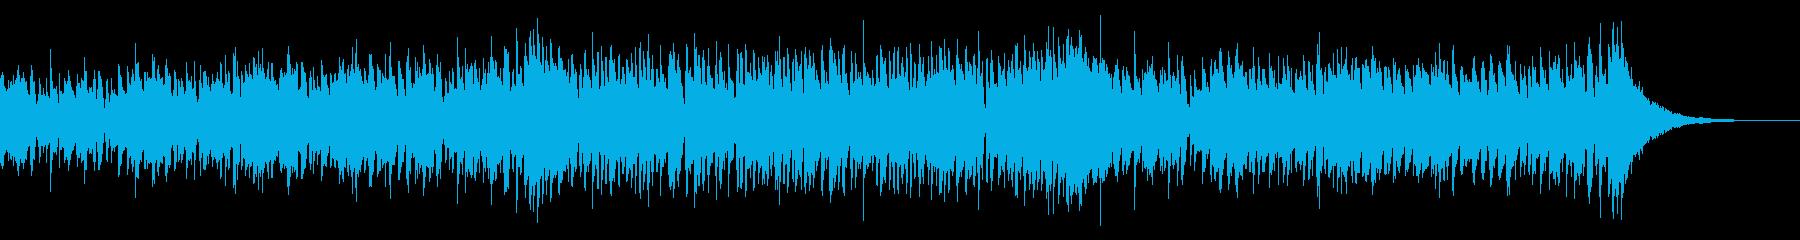 爽やかな夏のCMにおしゃれ生演奏ウクレレの再生済みの波形